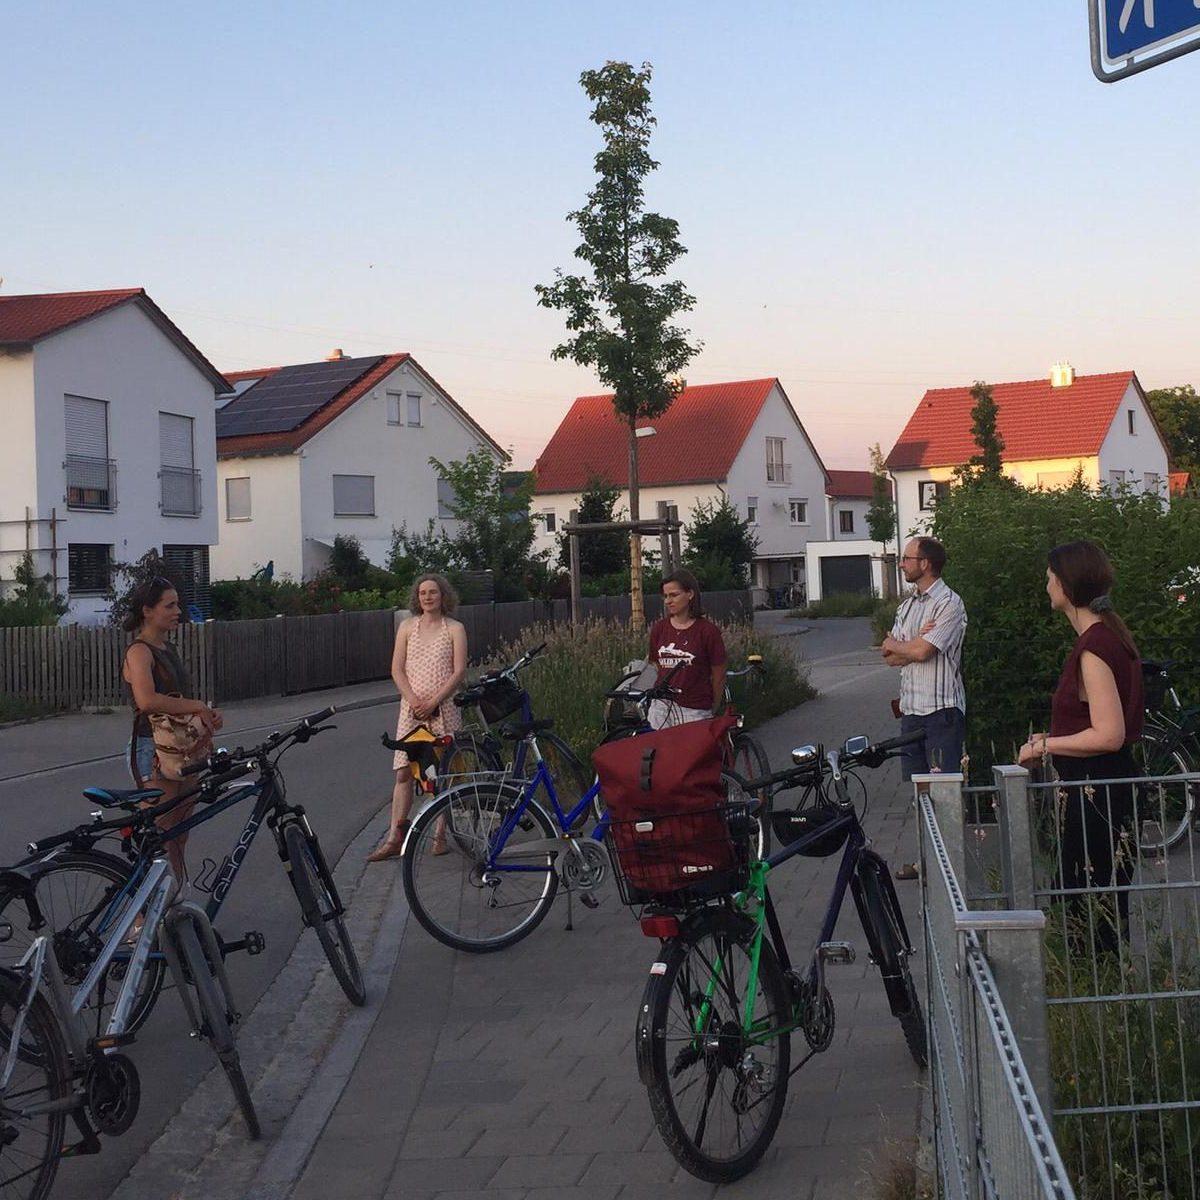 Menschen mit Fahrrädern an einer Kreuzung in einem Neubaugebiet. Daneben ein Straßenschild mit dem Namen Gabriele-Münter-Straße